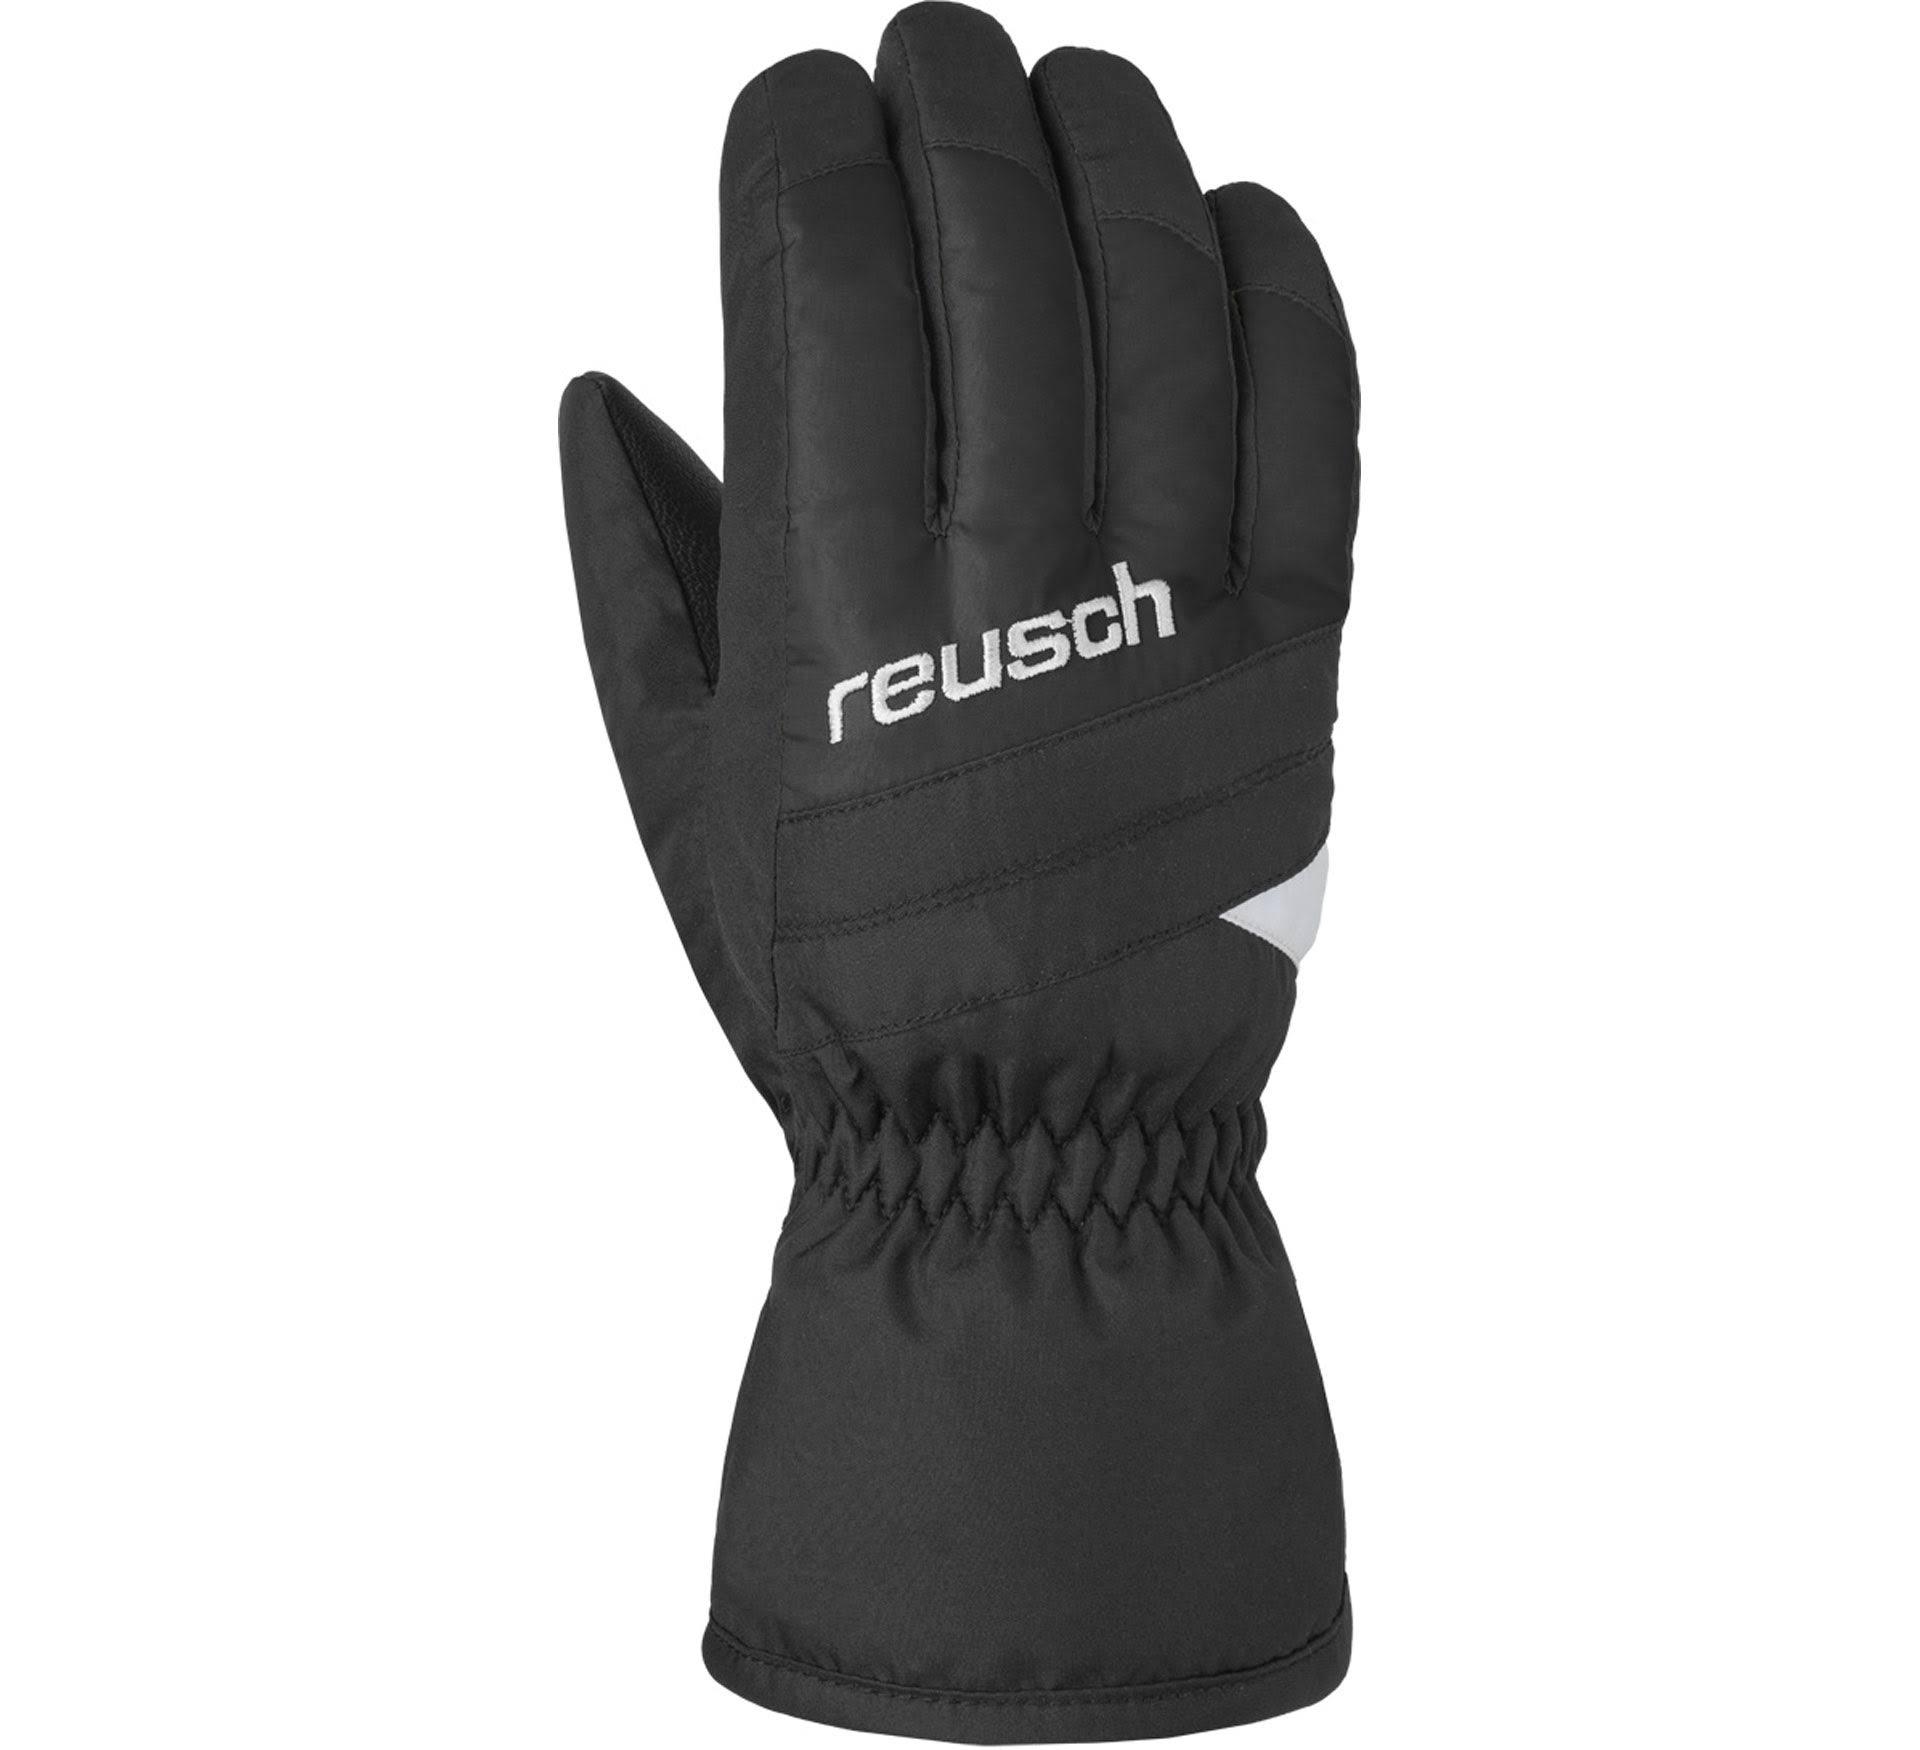 Reusch Kinder Bennet R-tex XT Junior Handschuhe schwarz-weiß